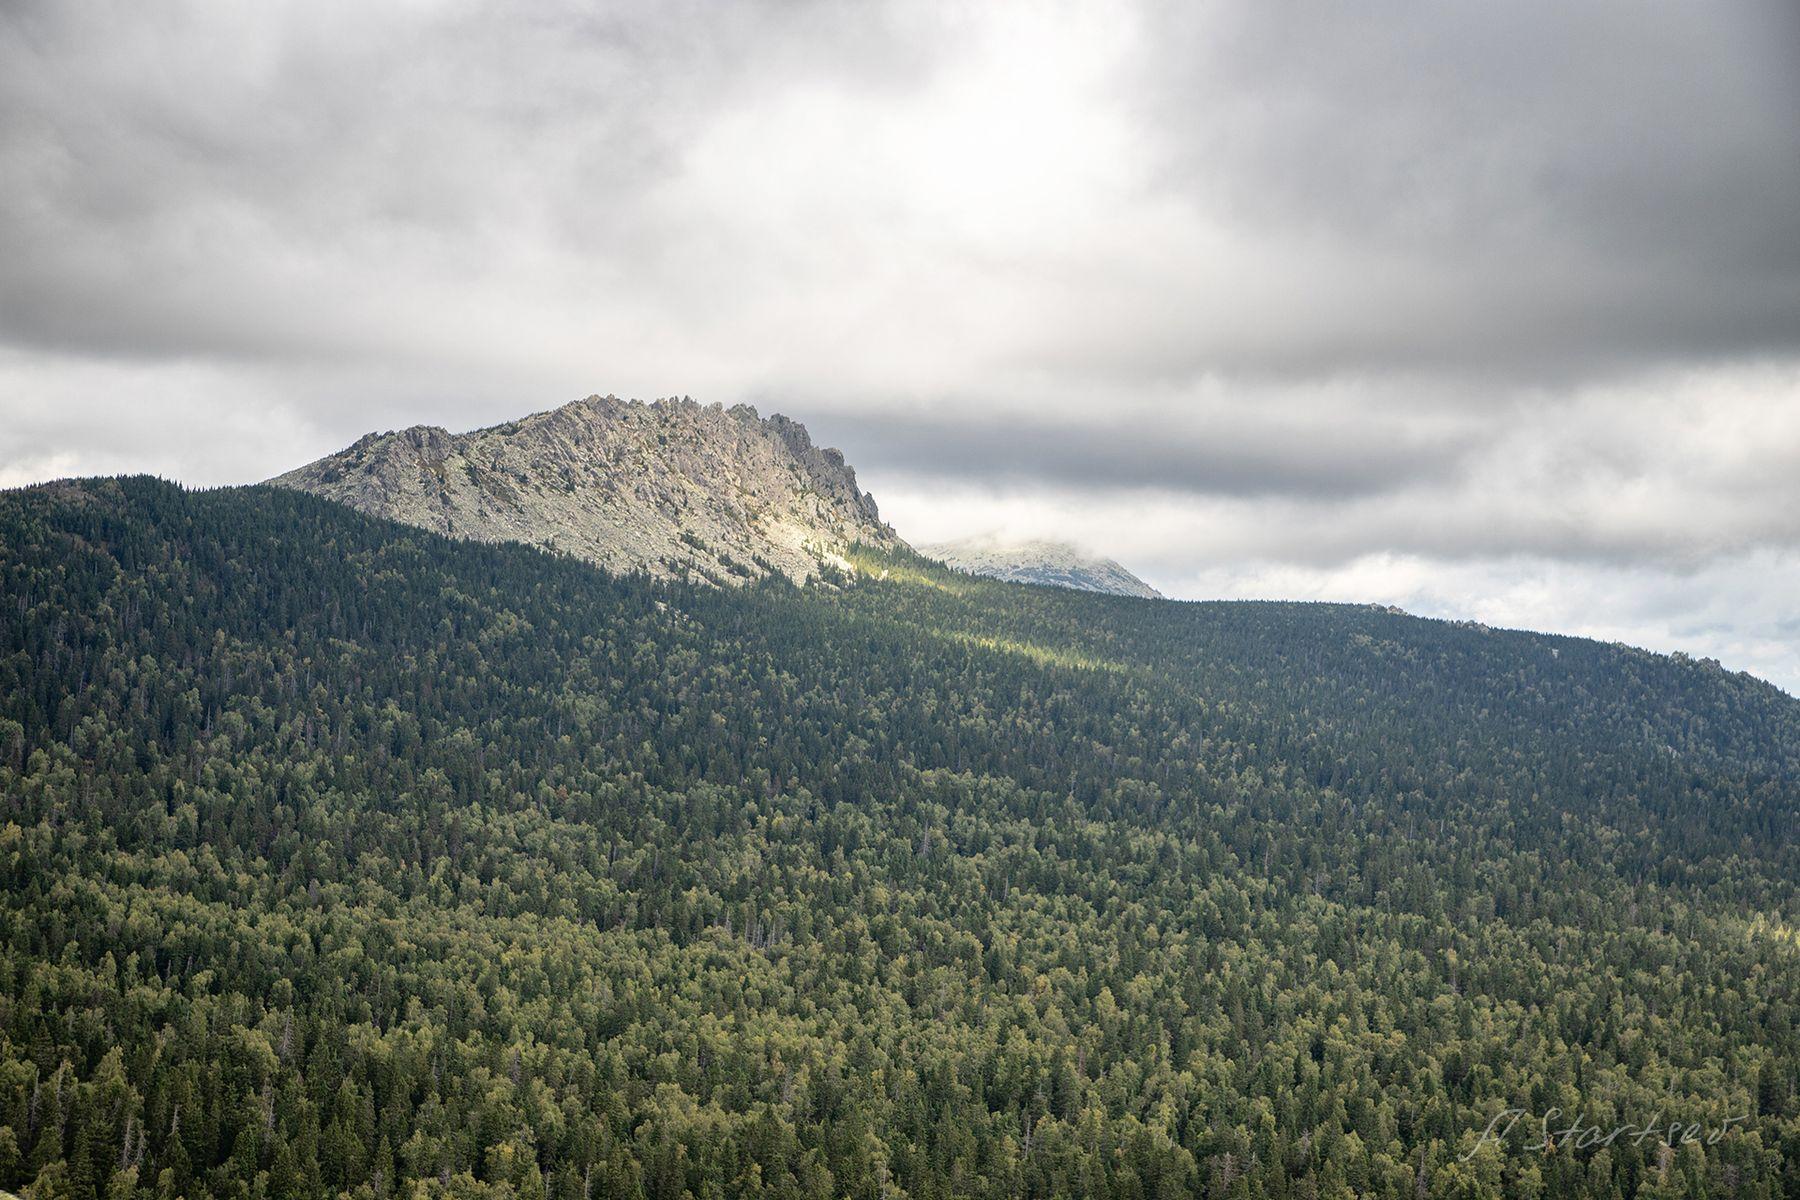 Откликной Гребень. Таганай. Урал туризм Таганай природа пейзаж осень небо лес горы облако